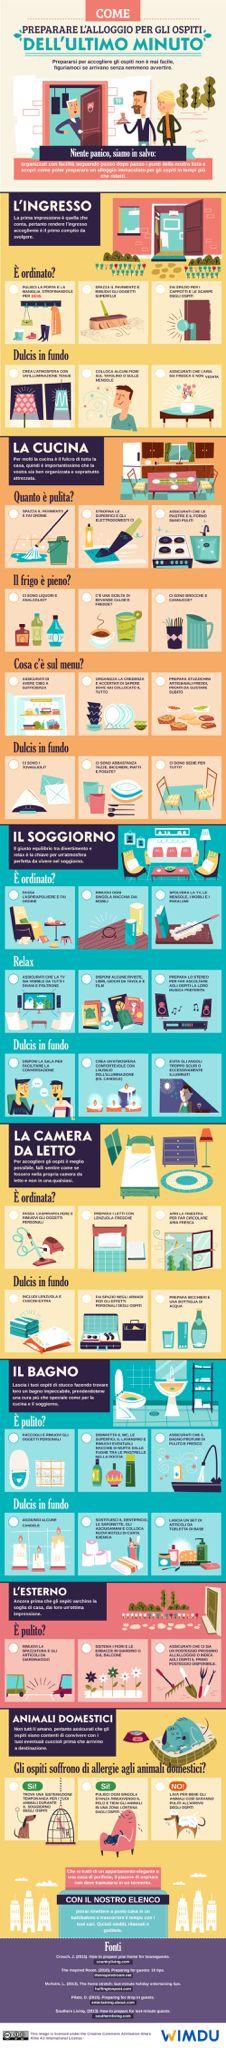 Come preparare la casa per gli ospiti all'ultimo minuto!  http://www.crealacasa.it/come-preparare-lalloggio-per-gli-ospiti.php